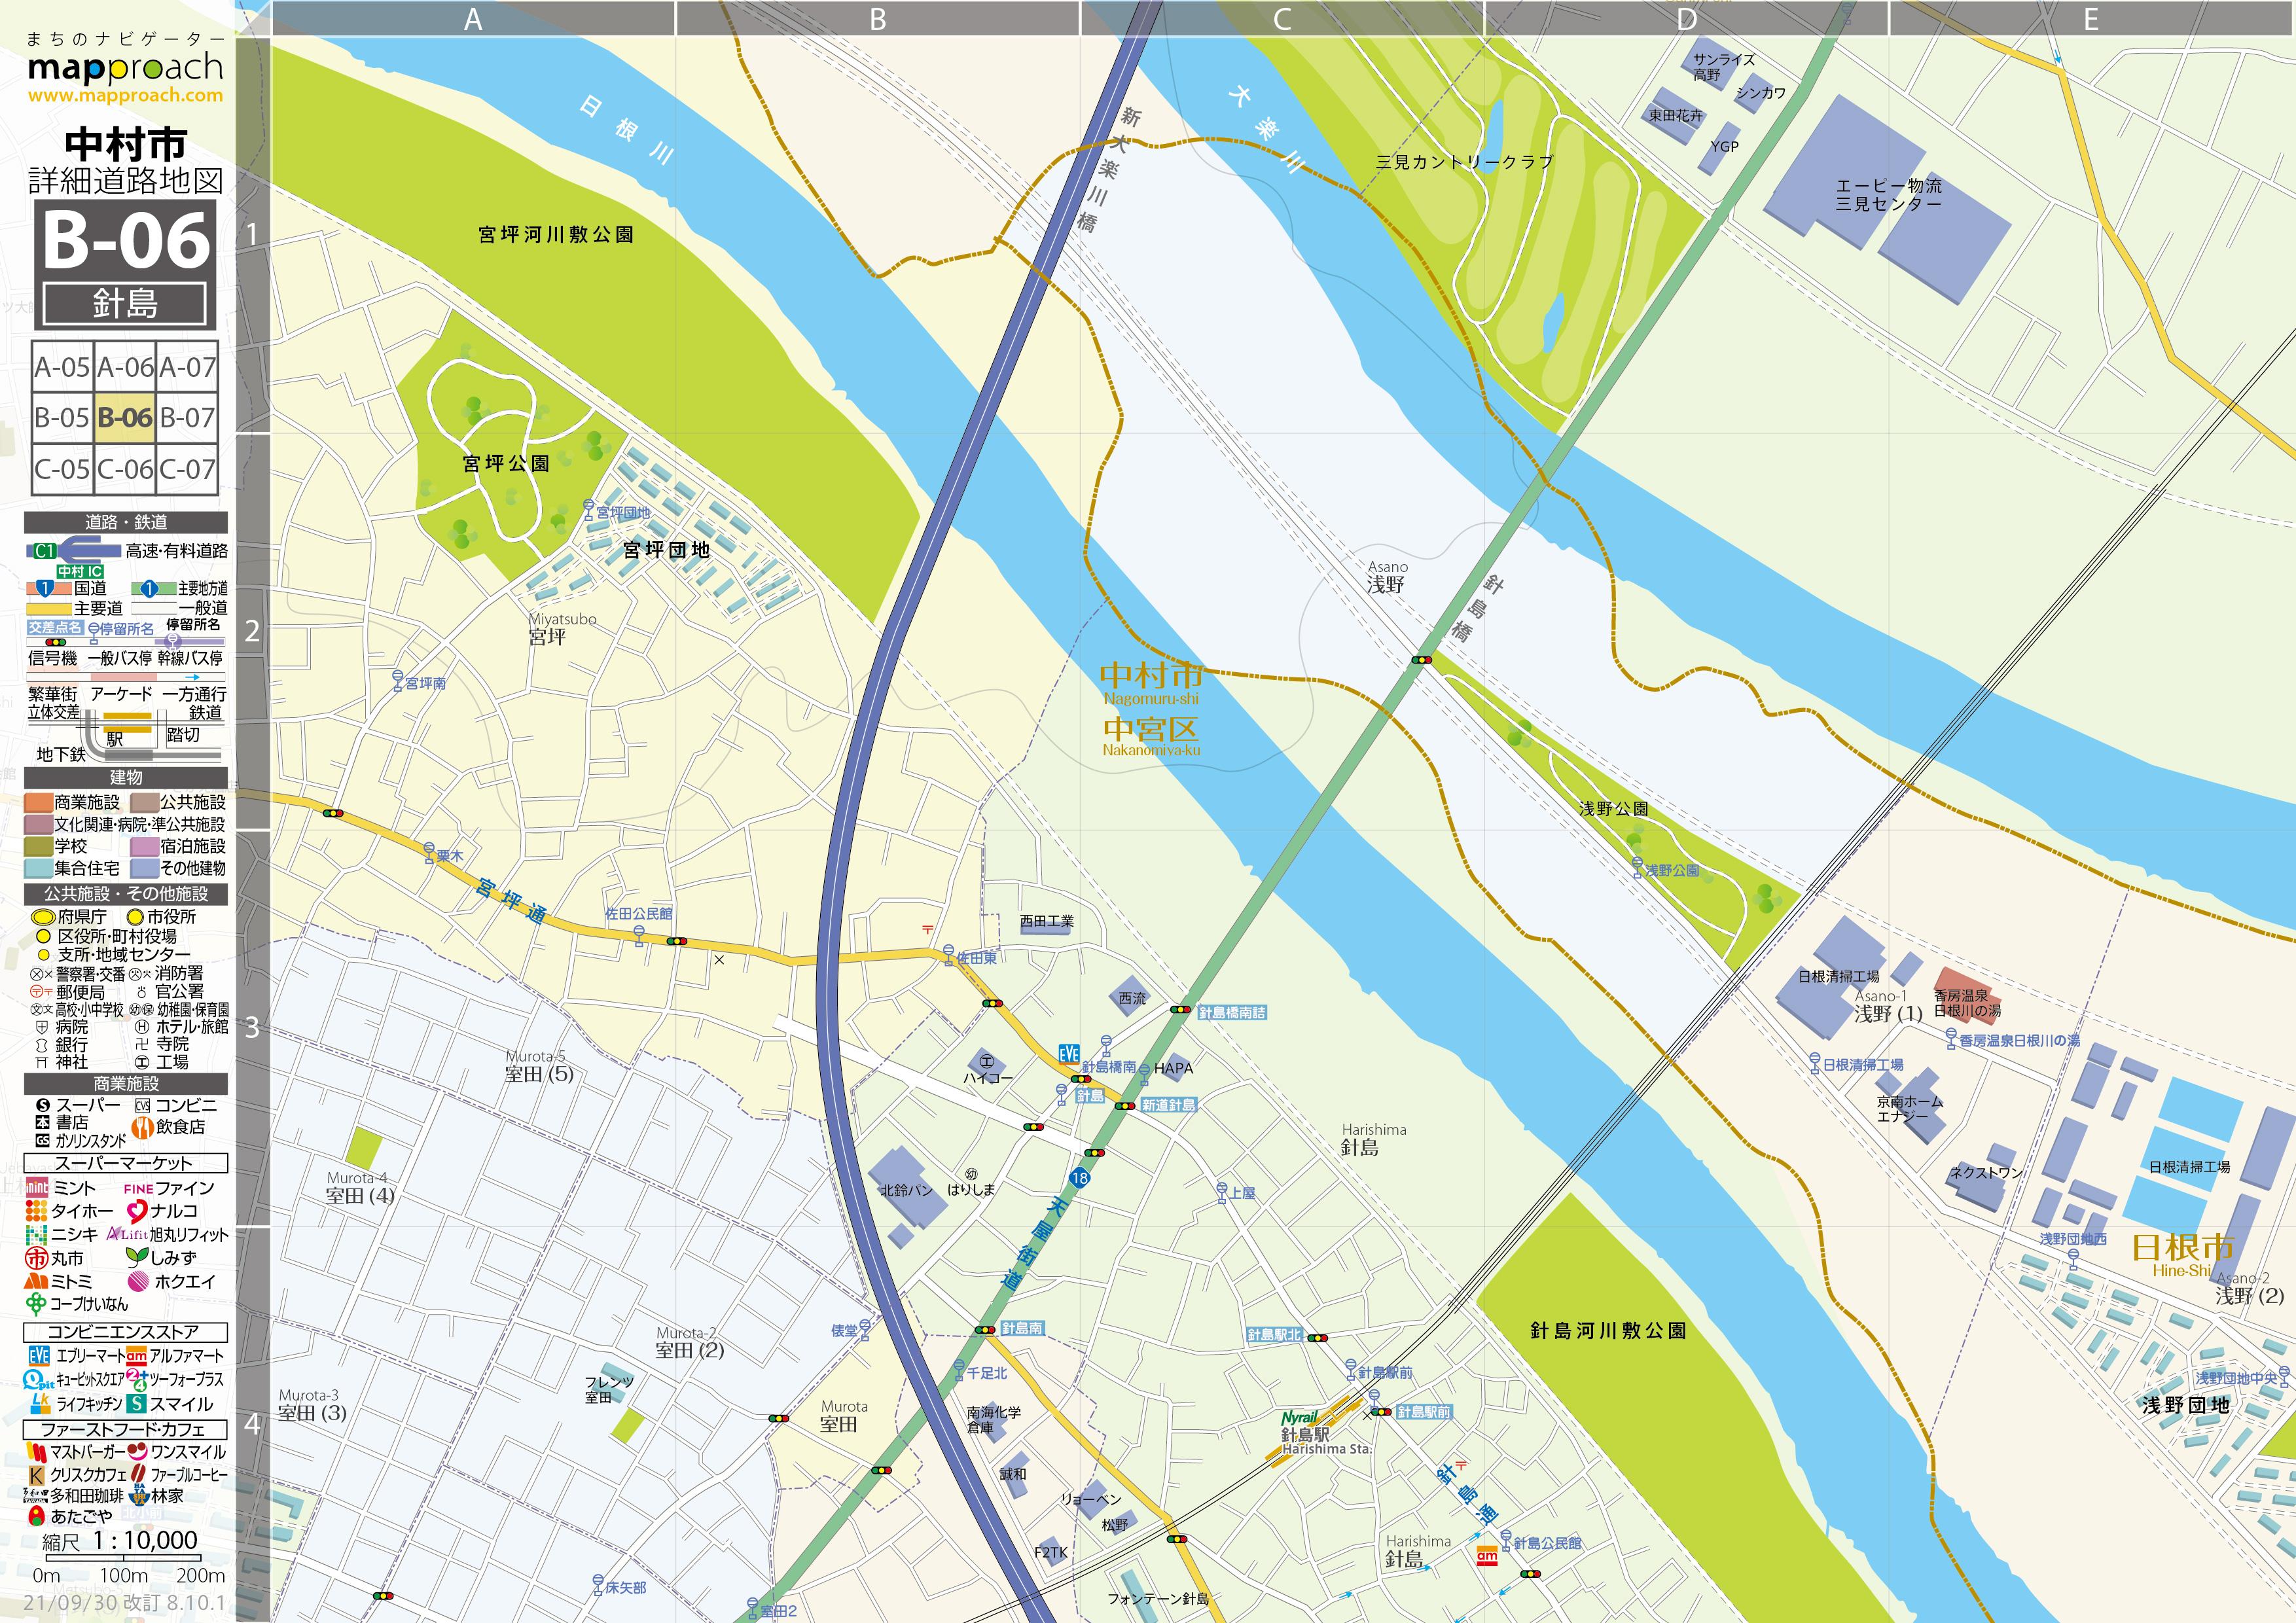 B-06 針島 地図拡大